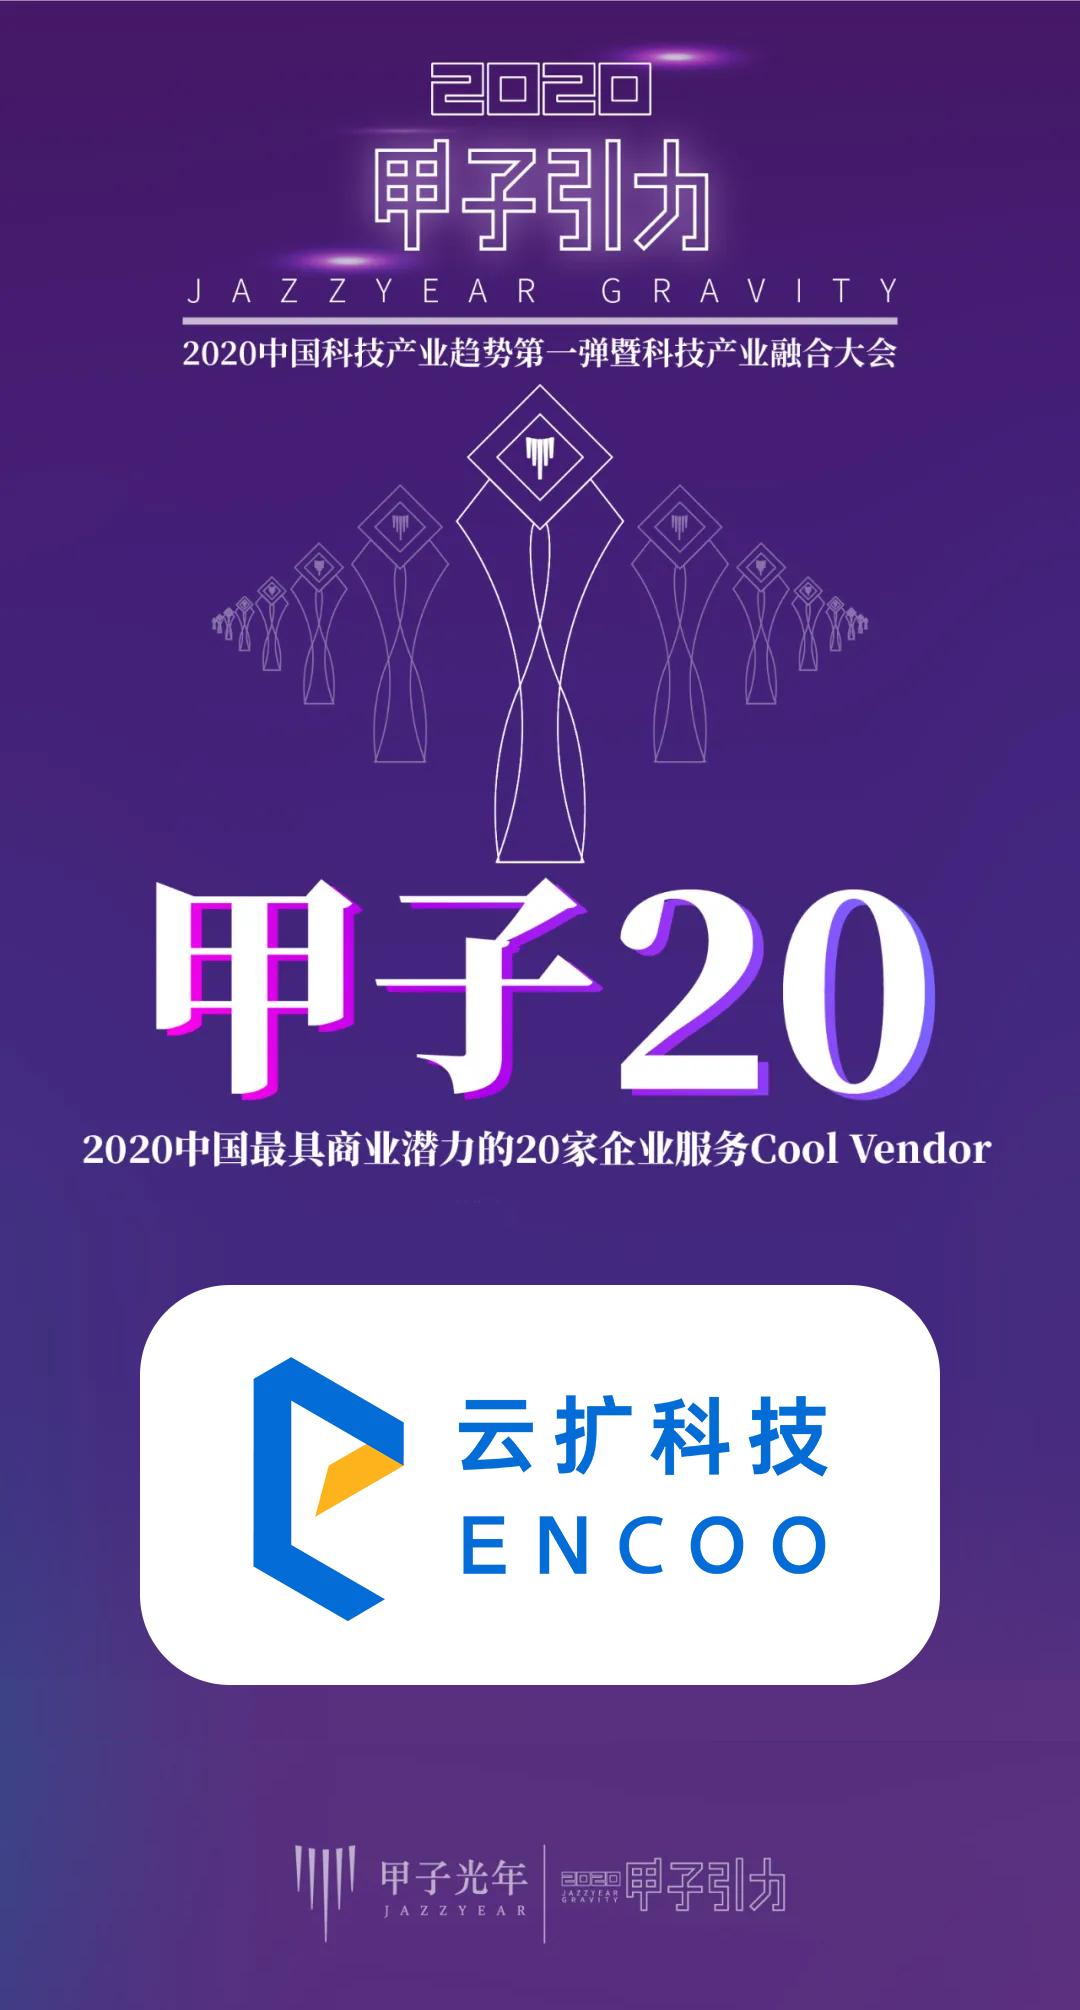 微信图片_20201117111201.png